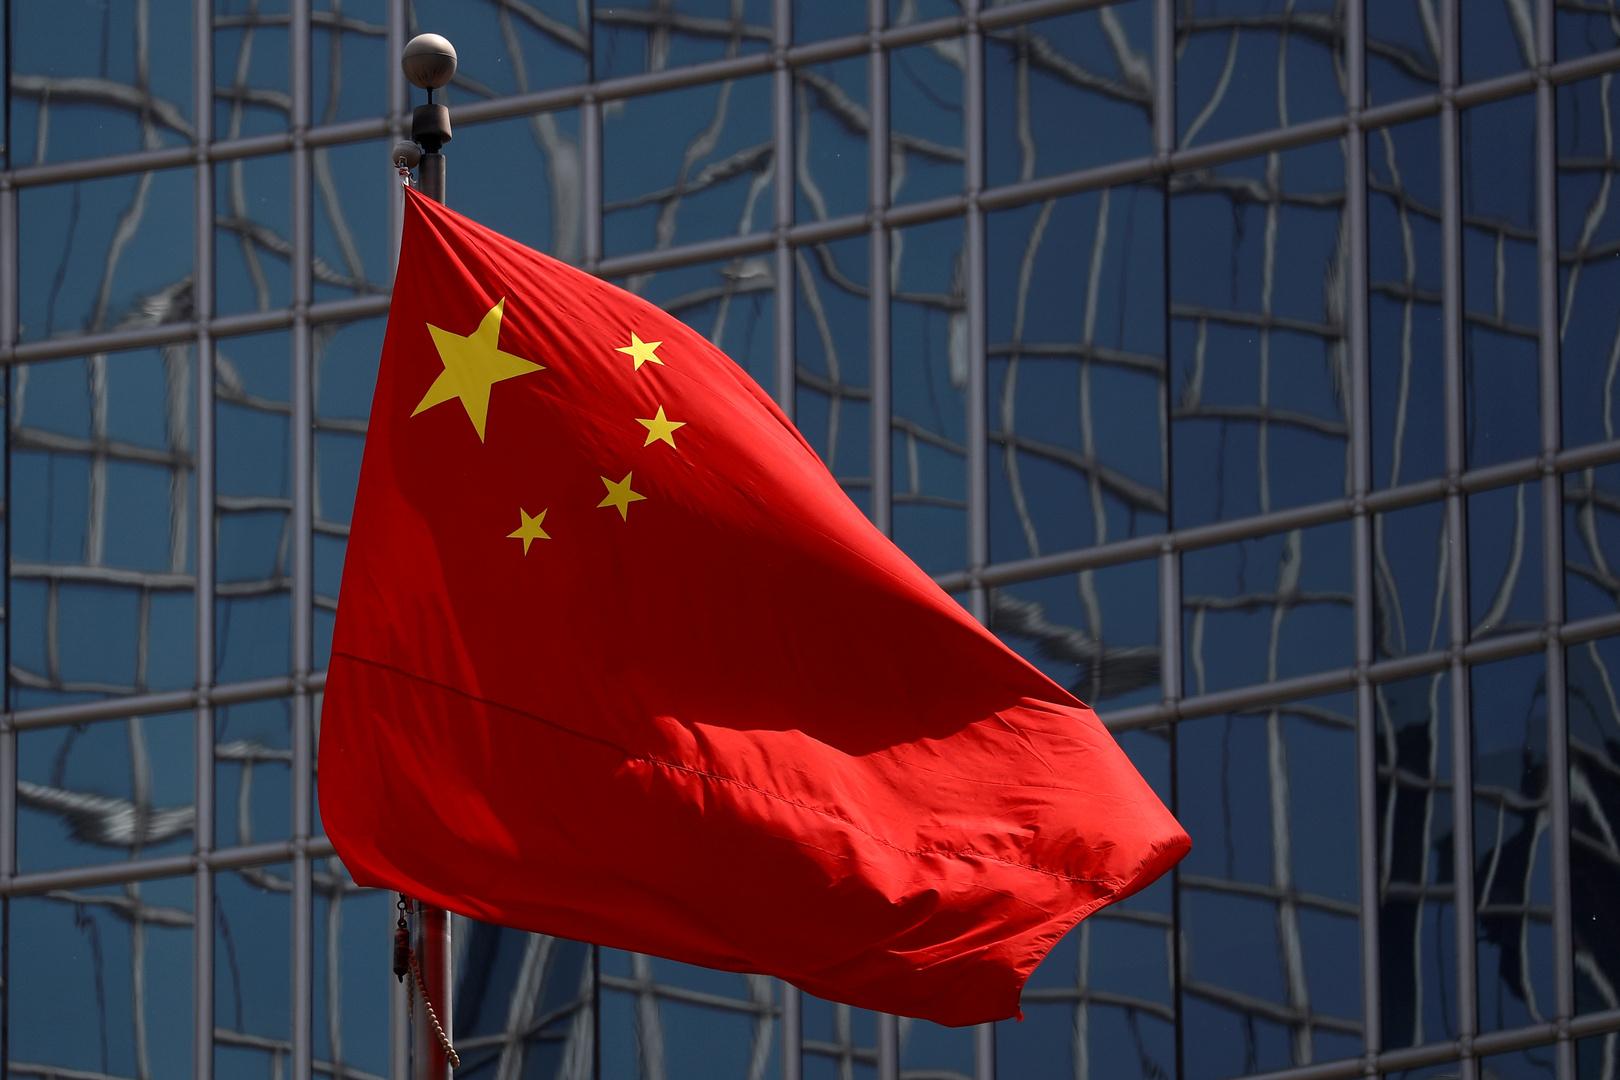 الصين تدين بيان مجموعة السبع الذي وجه انتقادات لبكين